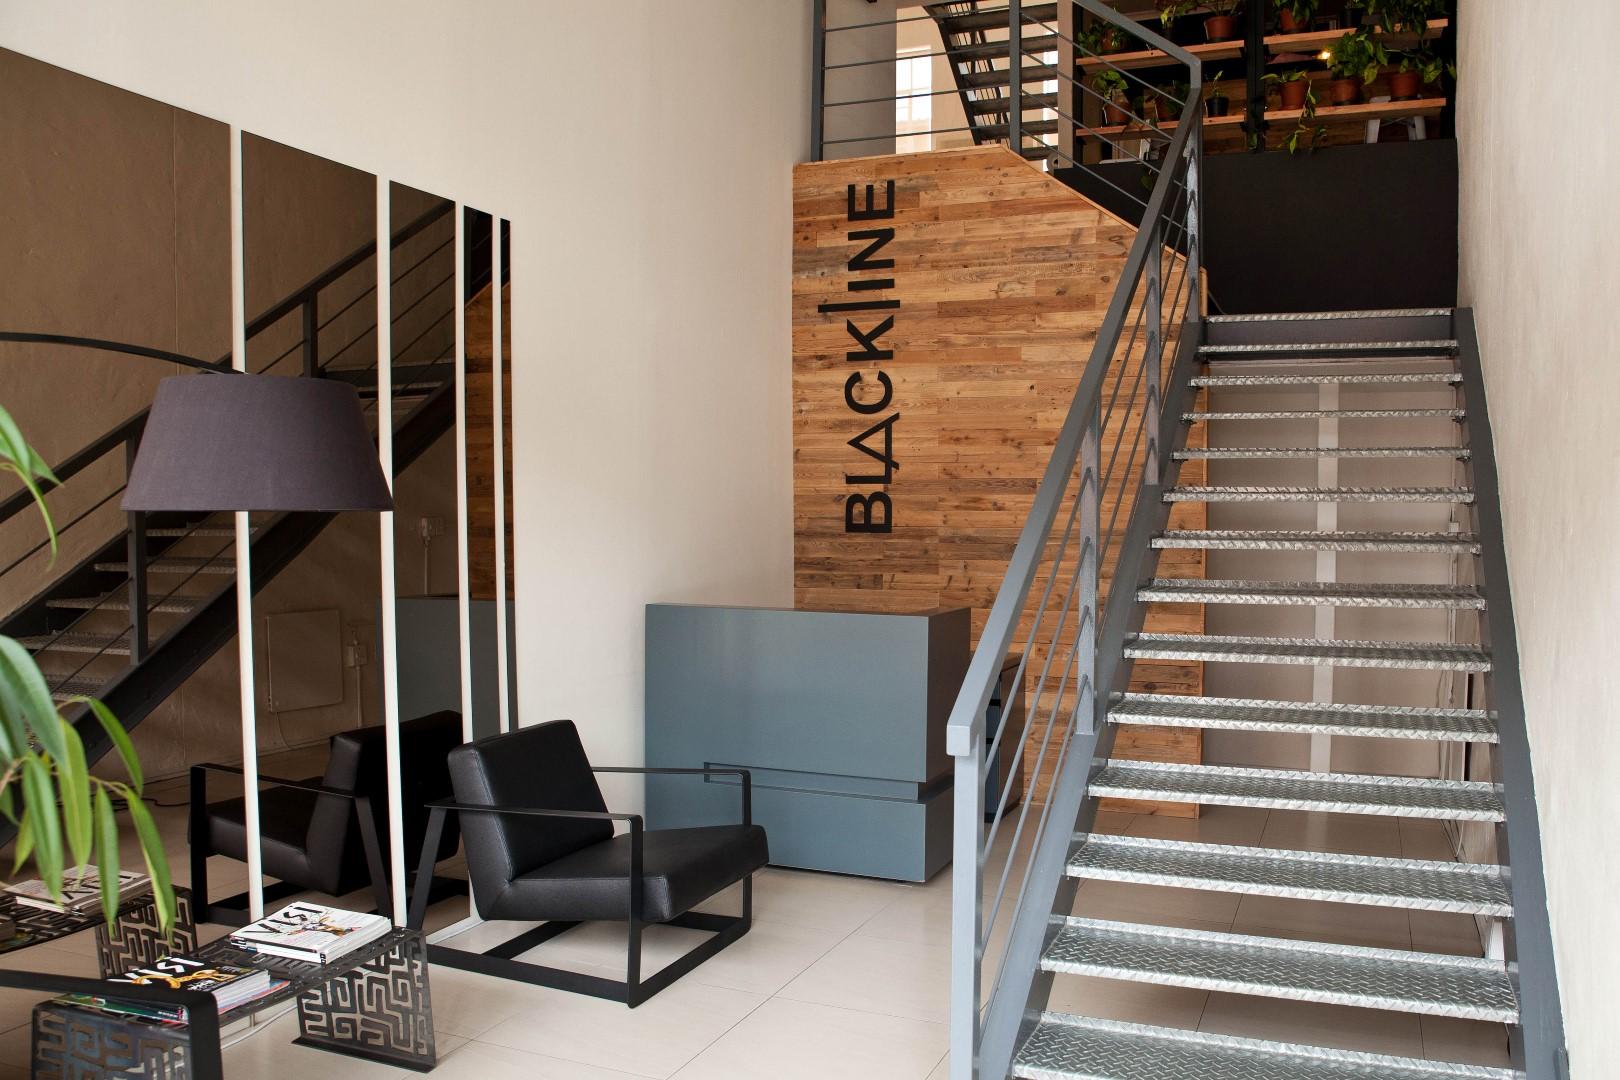 blackline interiors office interior design